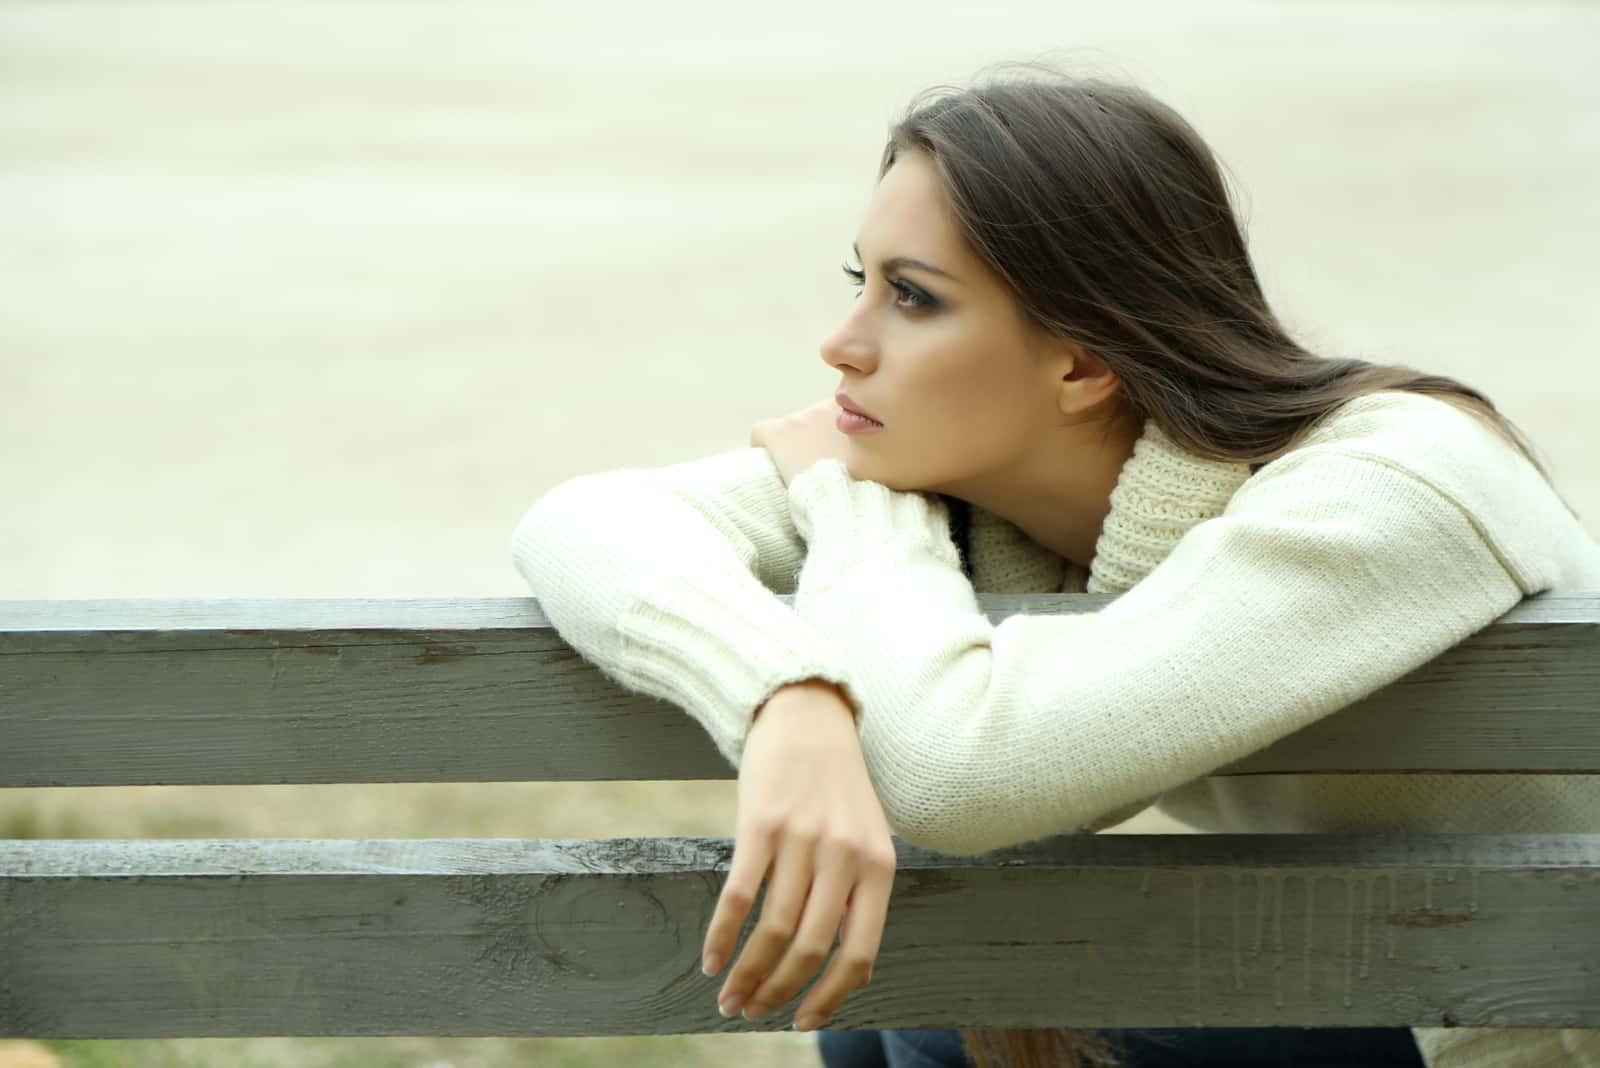 femme solitaire sur banc dans le parc